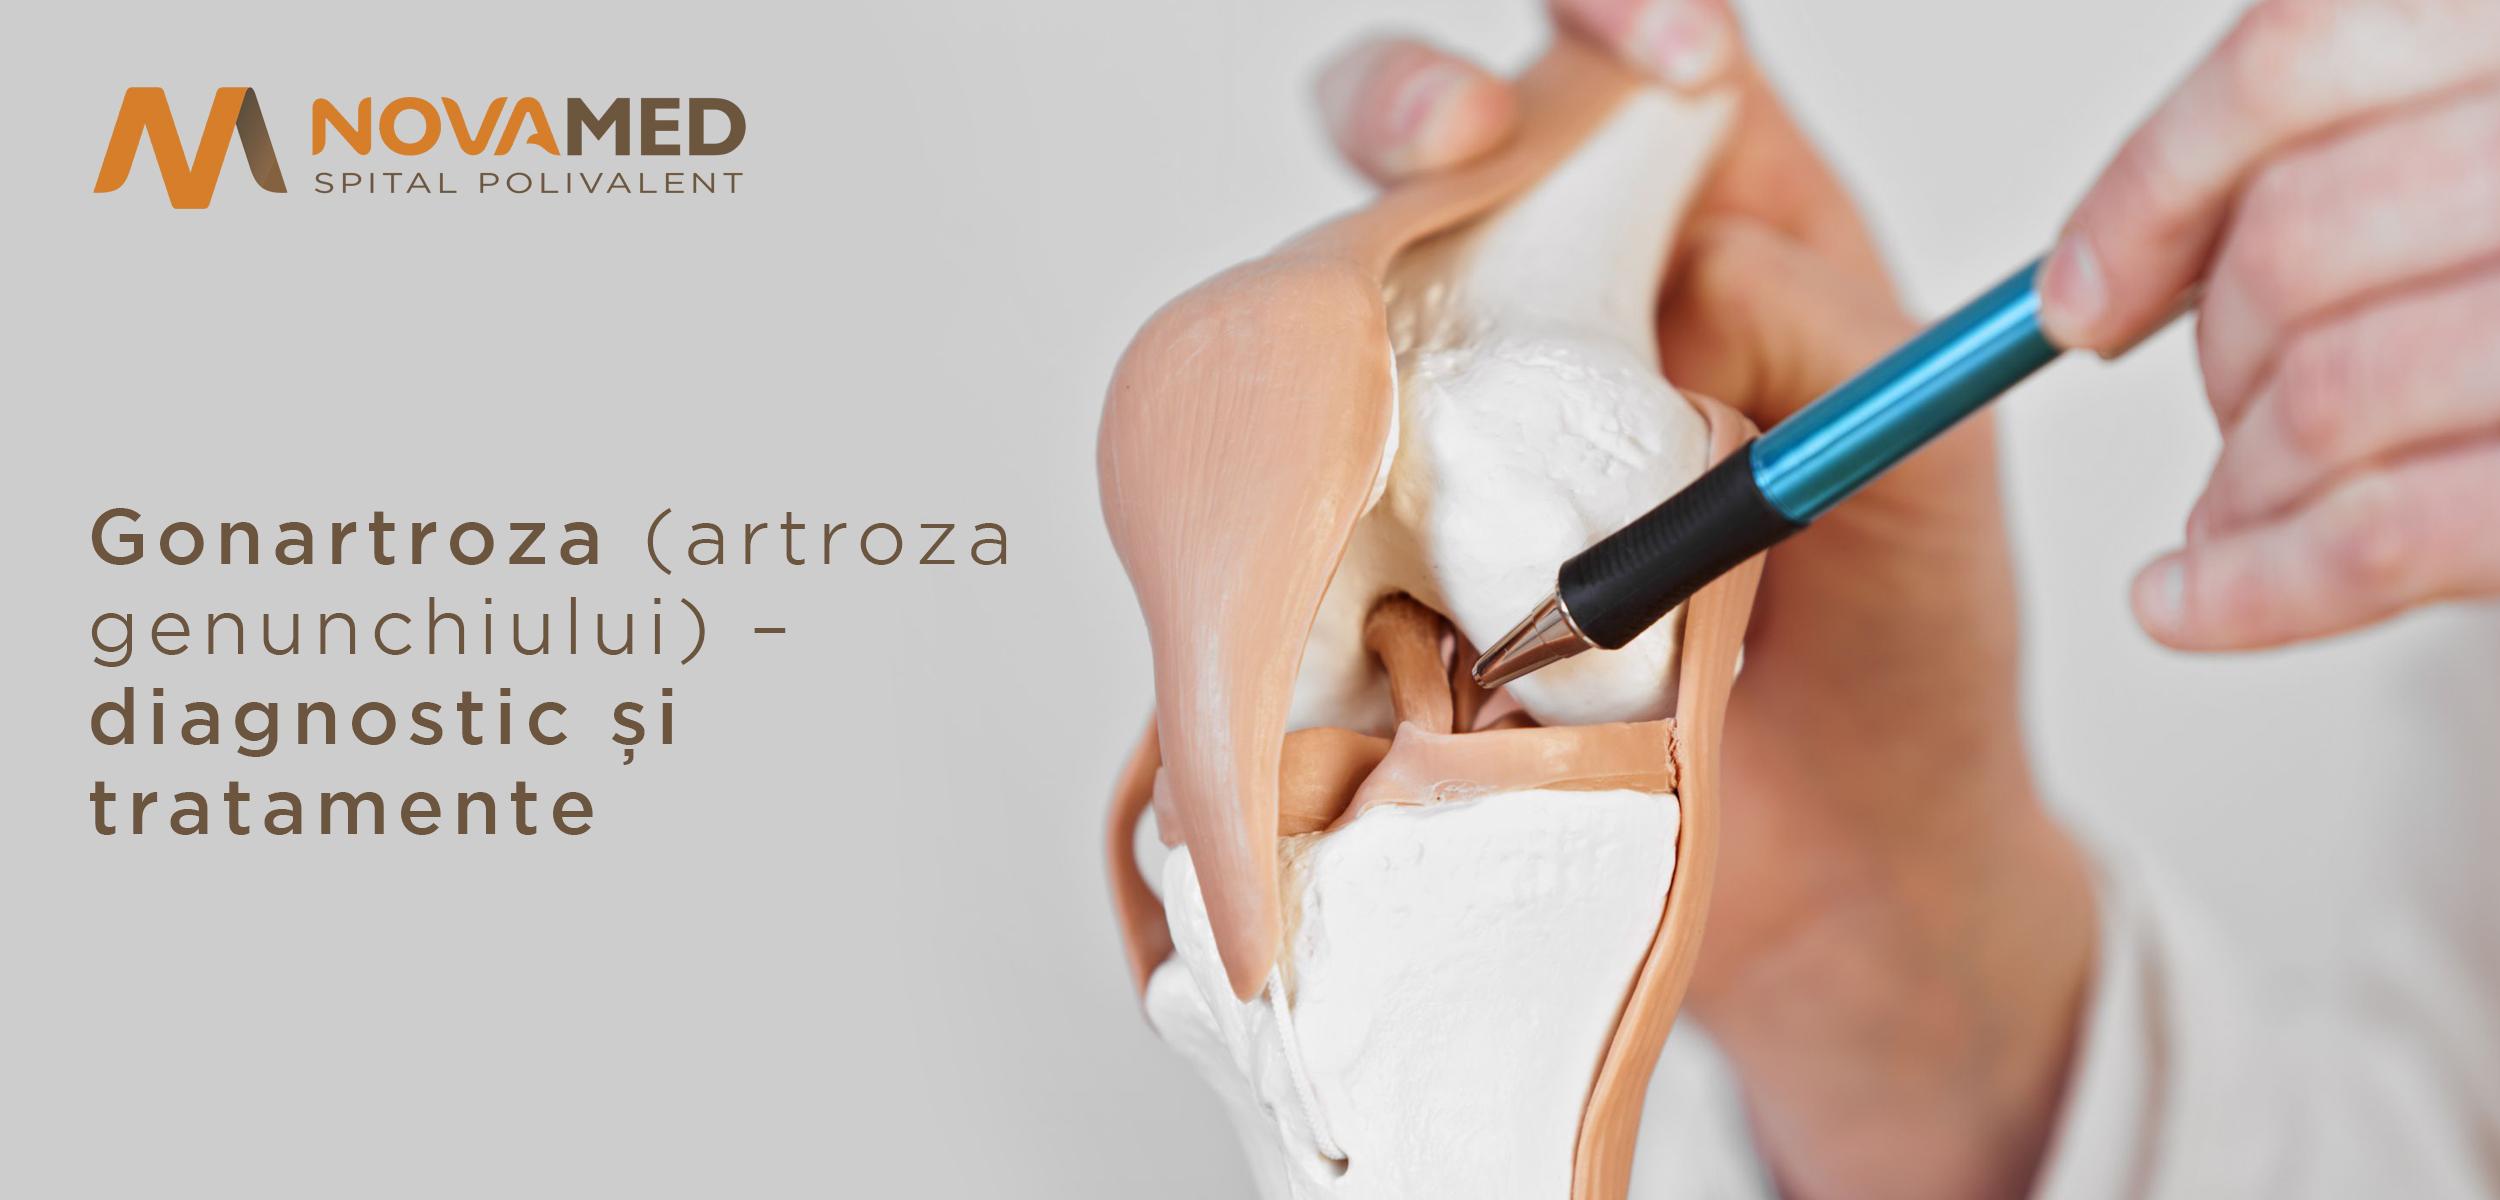 tratamentul artrozei articulației genunchiului tratamentul gonartrozei)